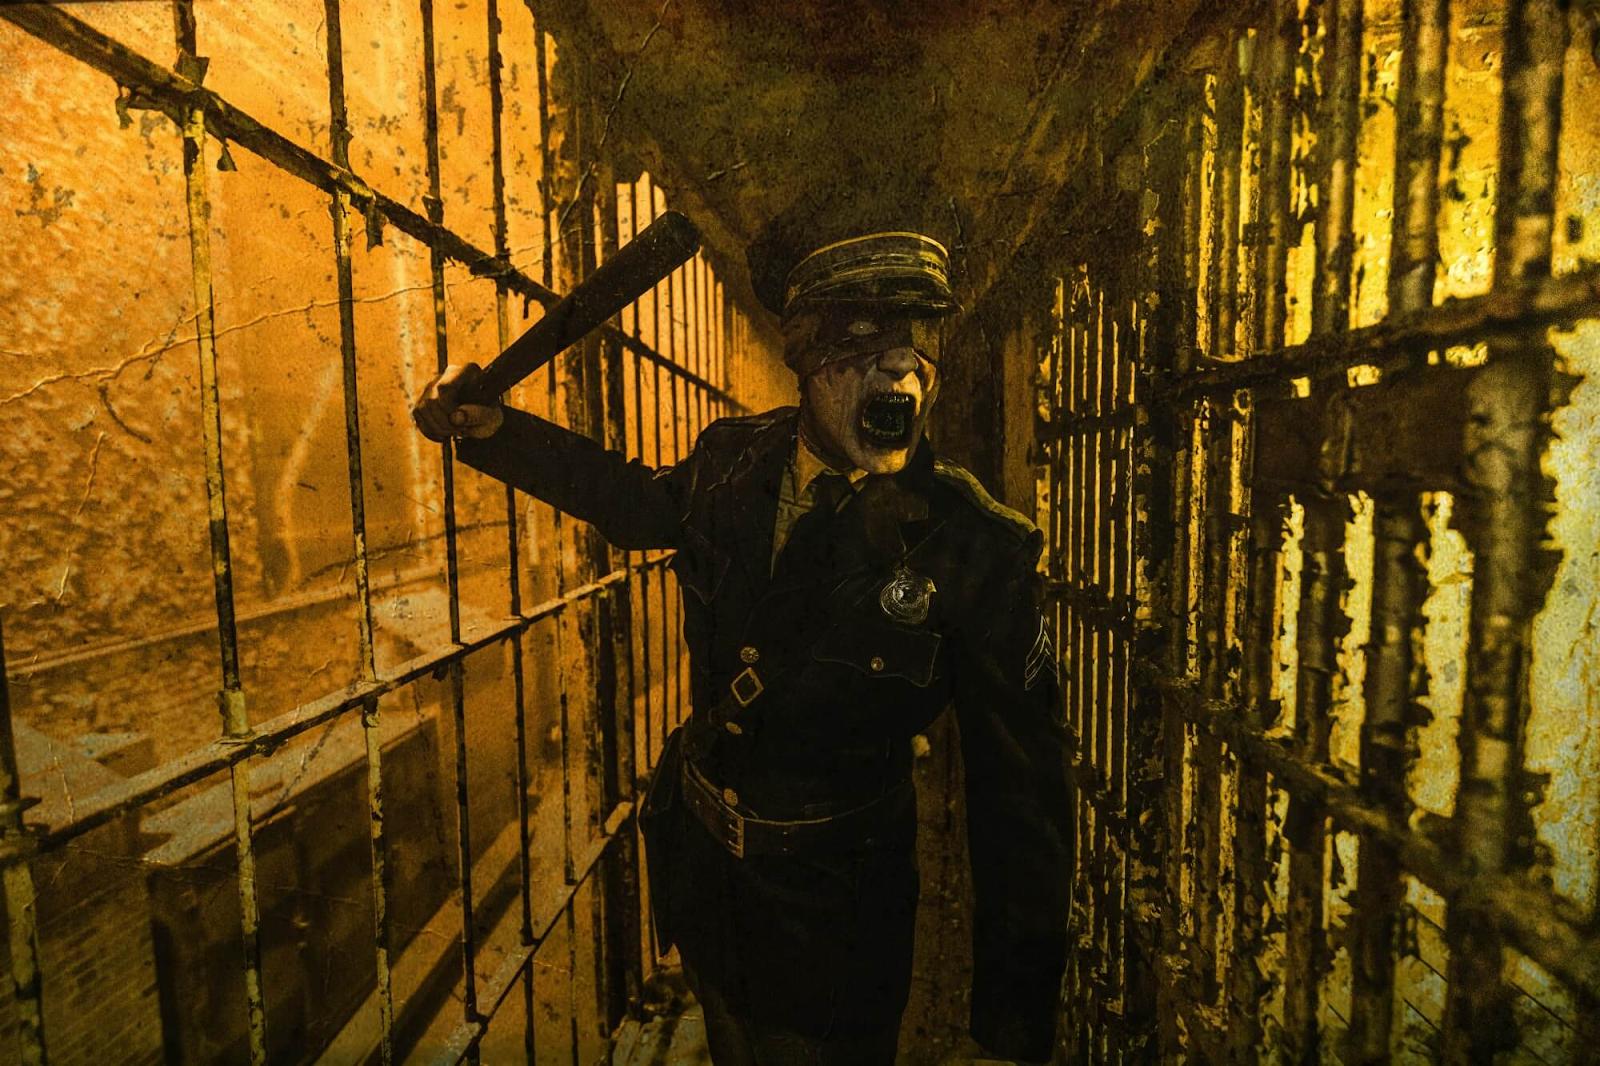 scary prison guard